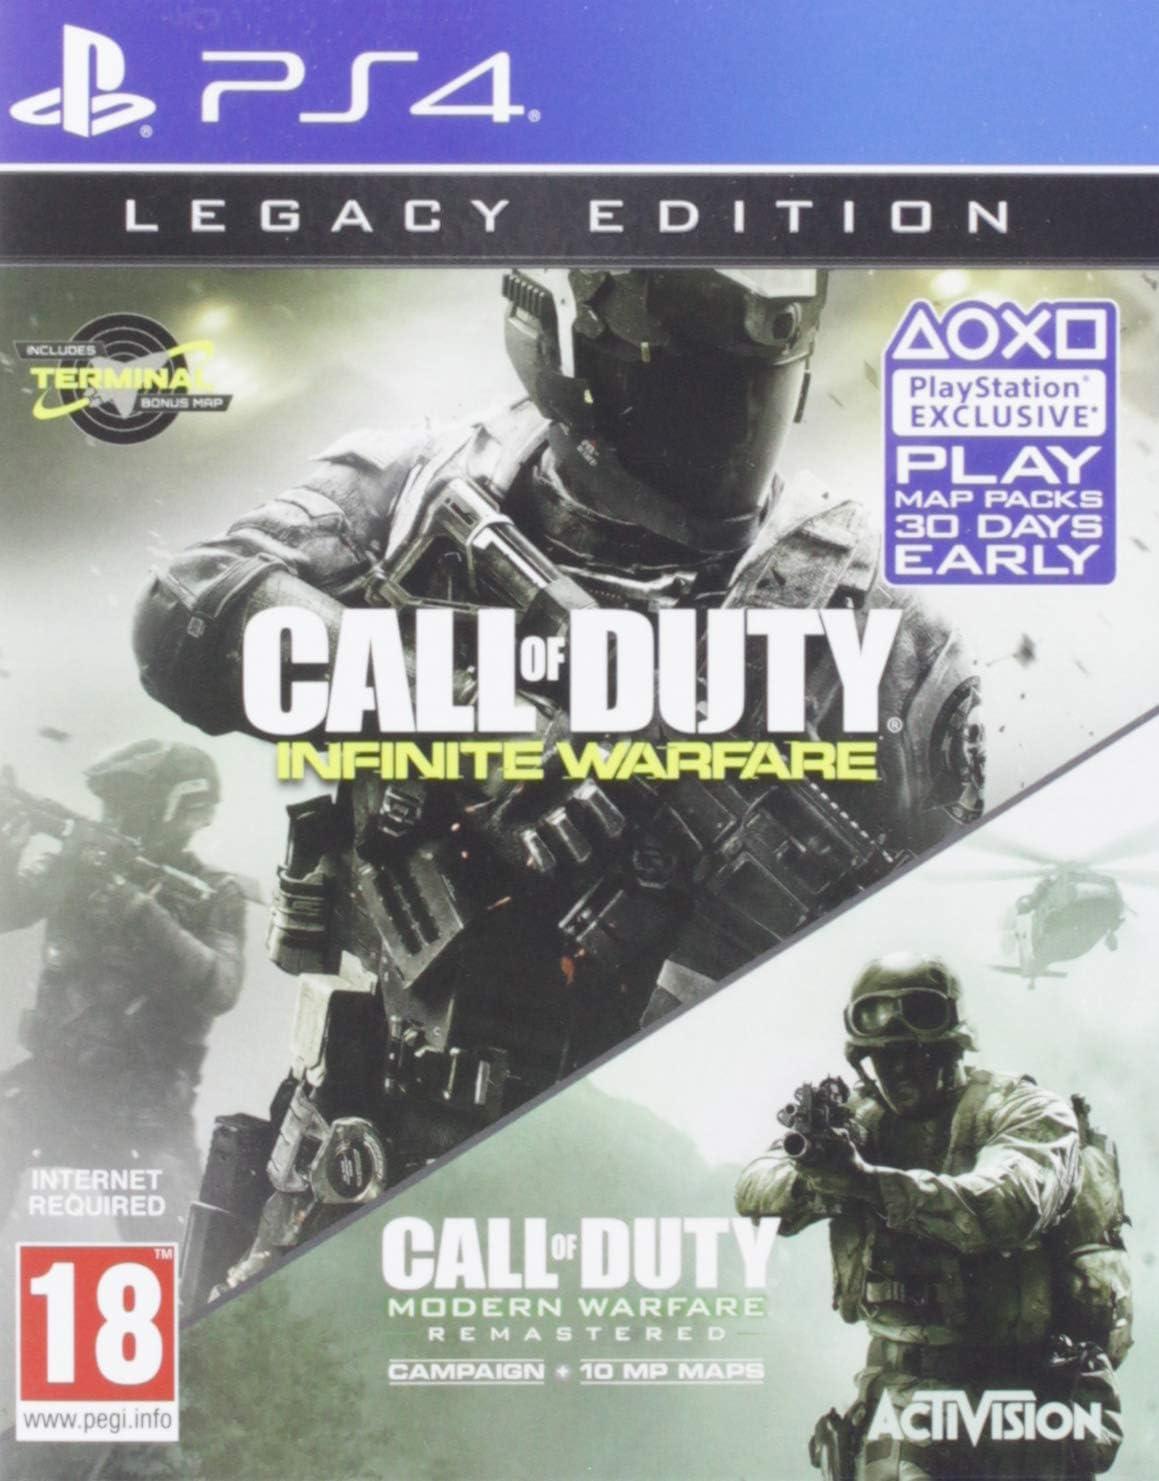 Activision Call of Duty: Infinite Warfare Legacy Edition, PS4 PlayStation 4 vídeo - Juego (PS4, PlayStation 4, FPS (Disparos en primera persona), Modo multijugador, M (Maduro)): Amazon.es: Videojuegos